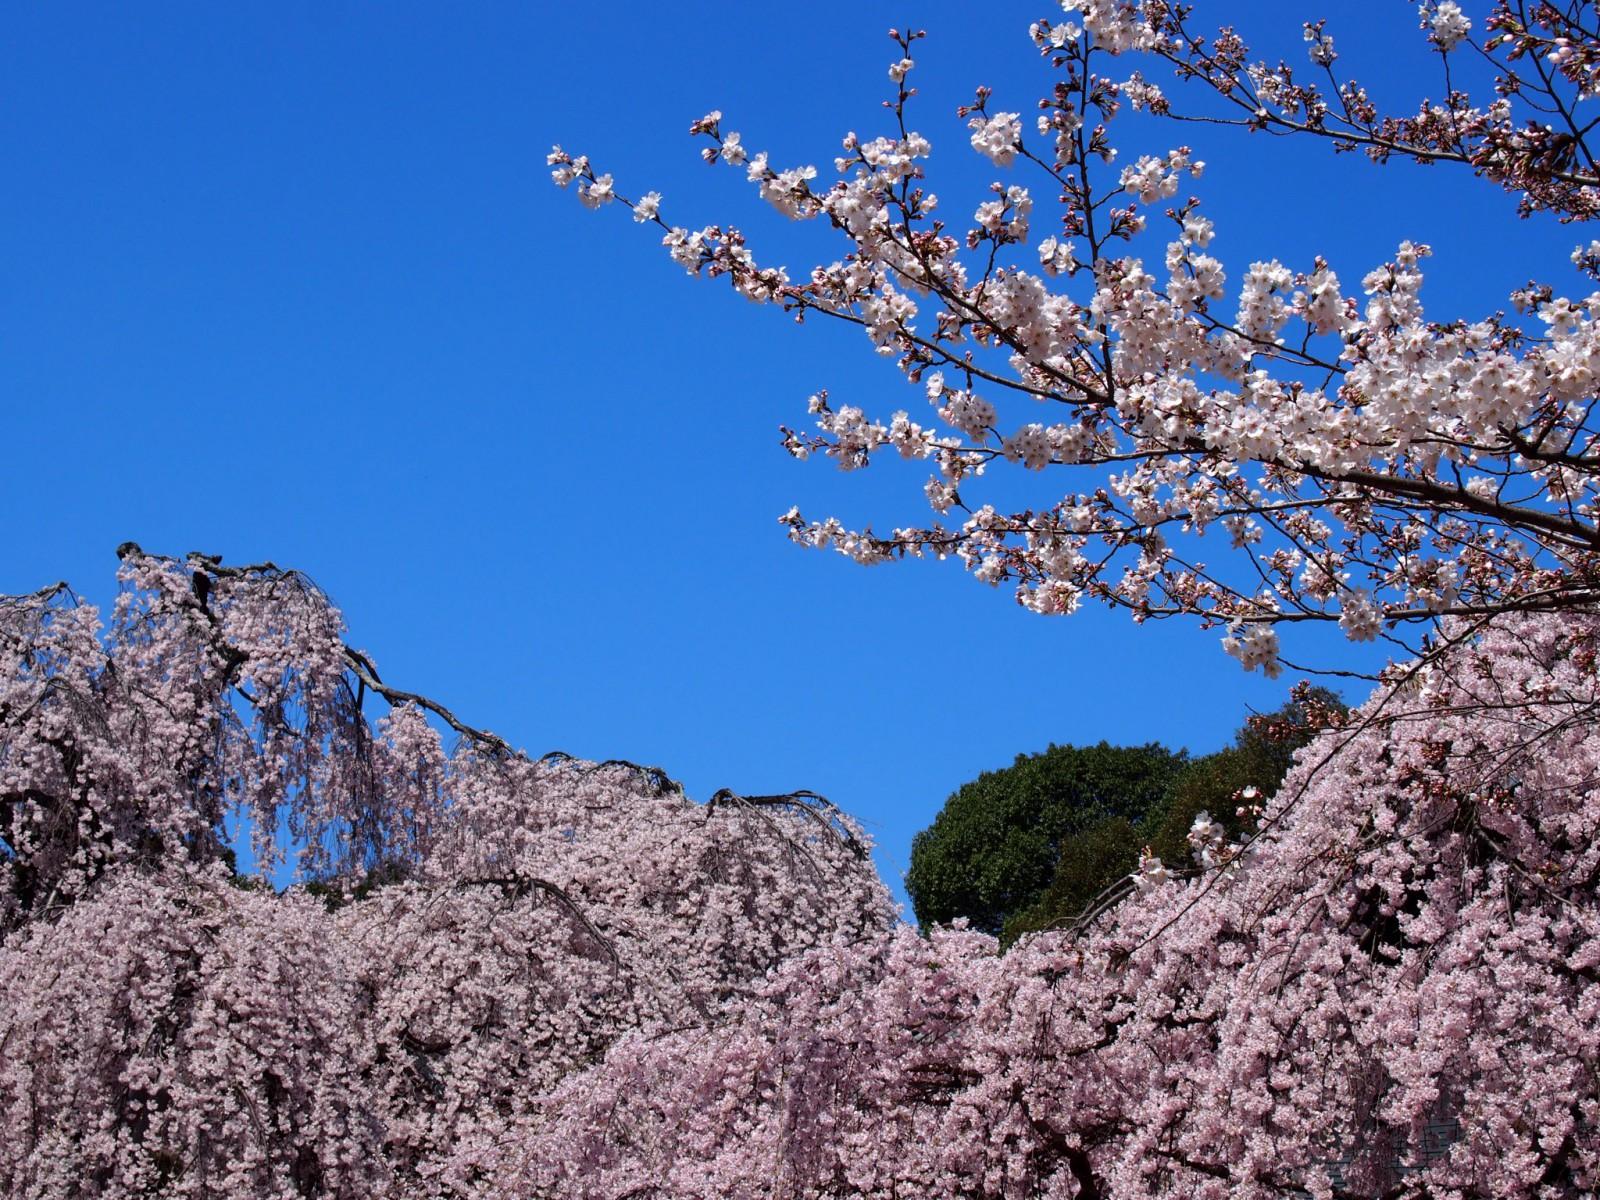 桜で埋め尽くされる氷室神社